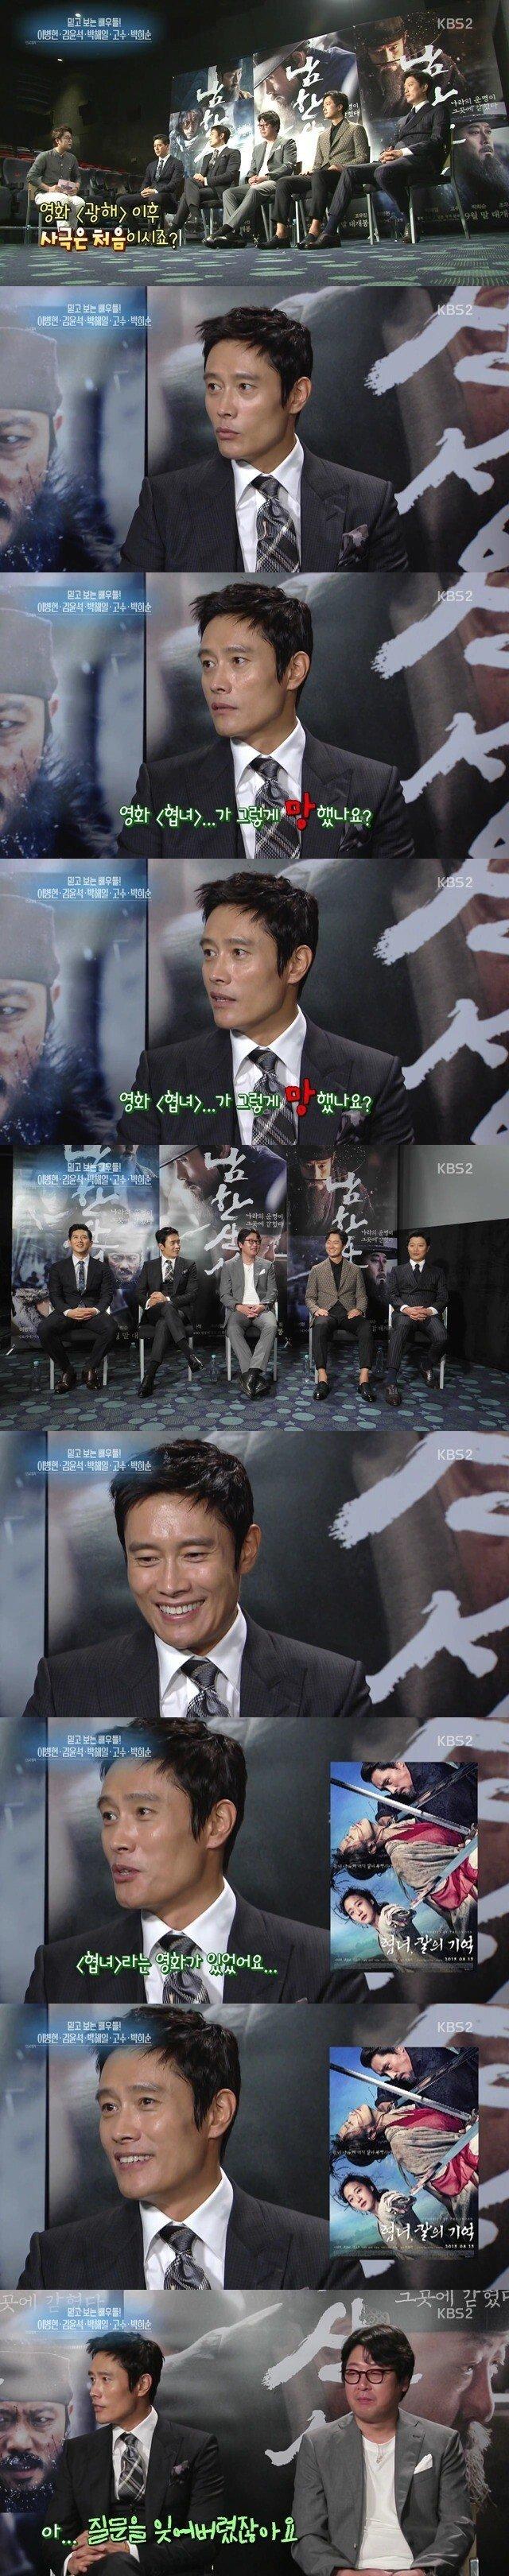 이병헌 커리어에서 삭제 당한 영화.jpg